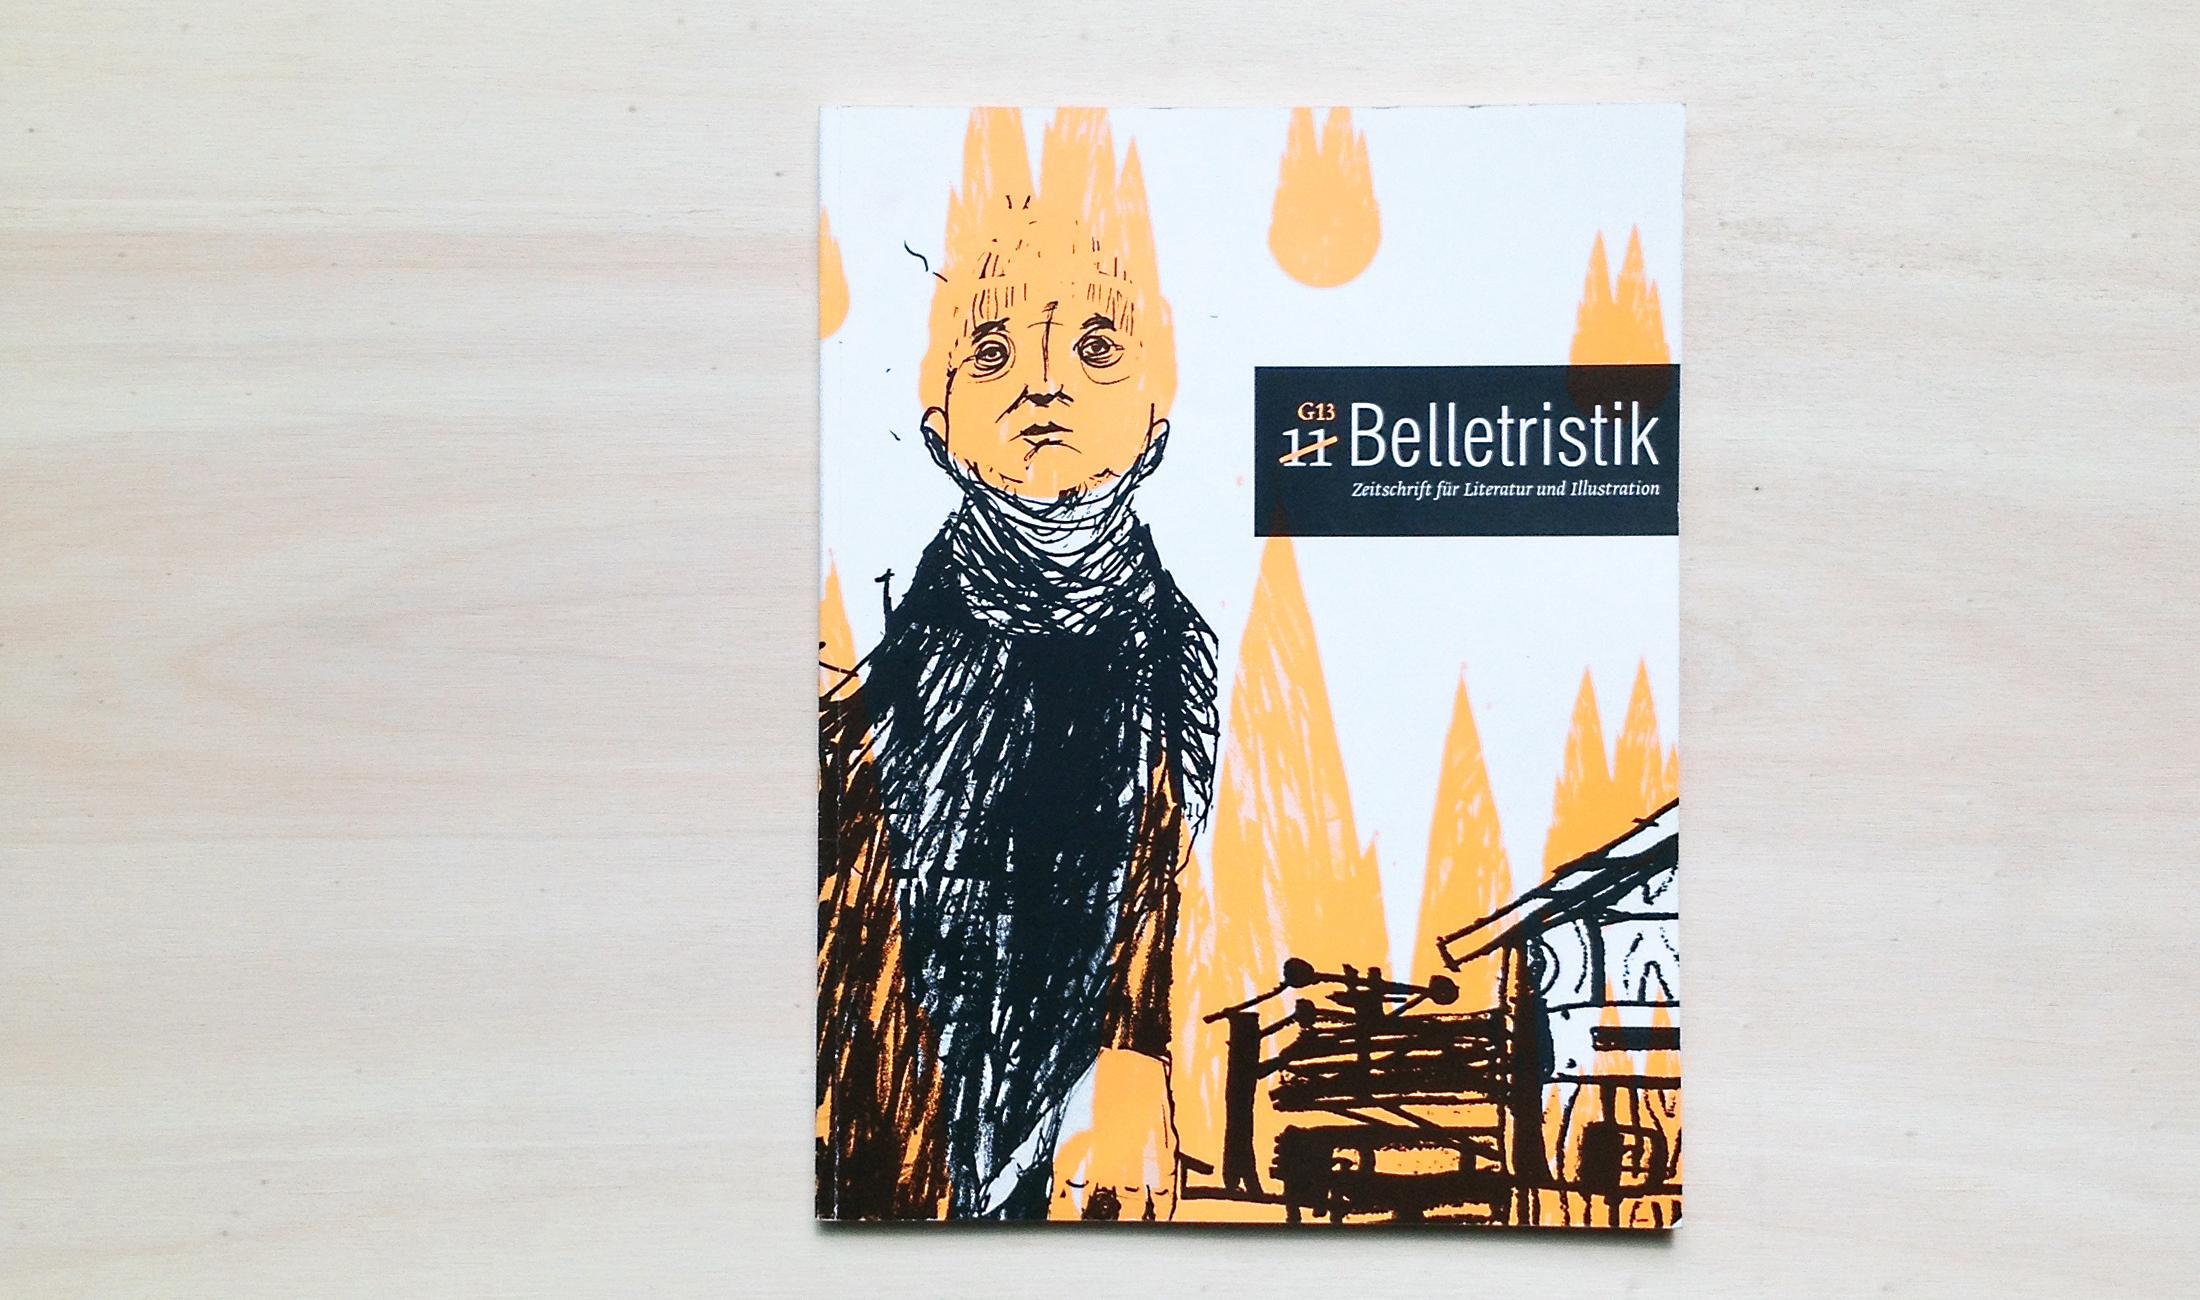 e_belletristik-1